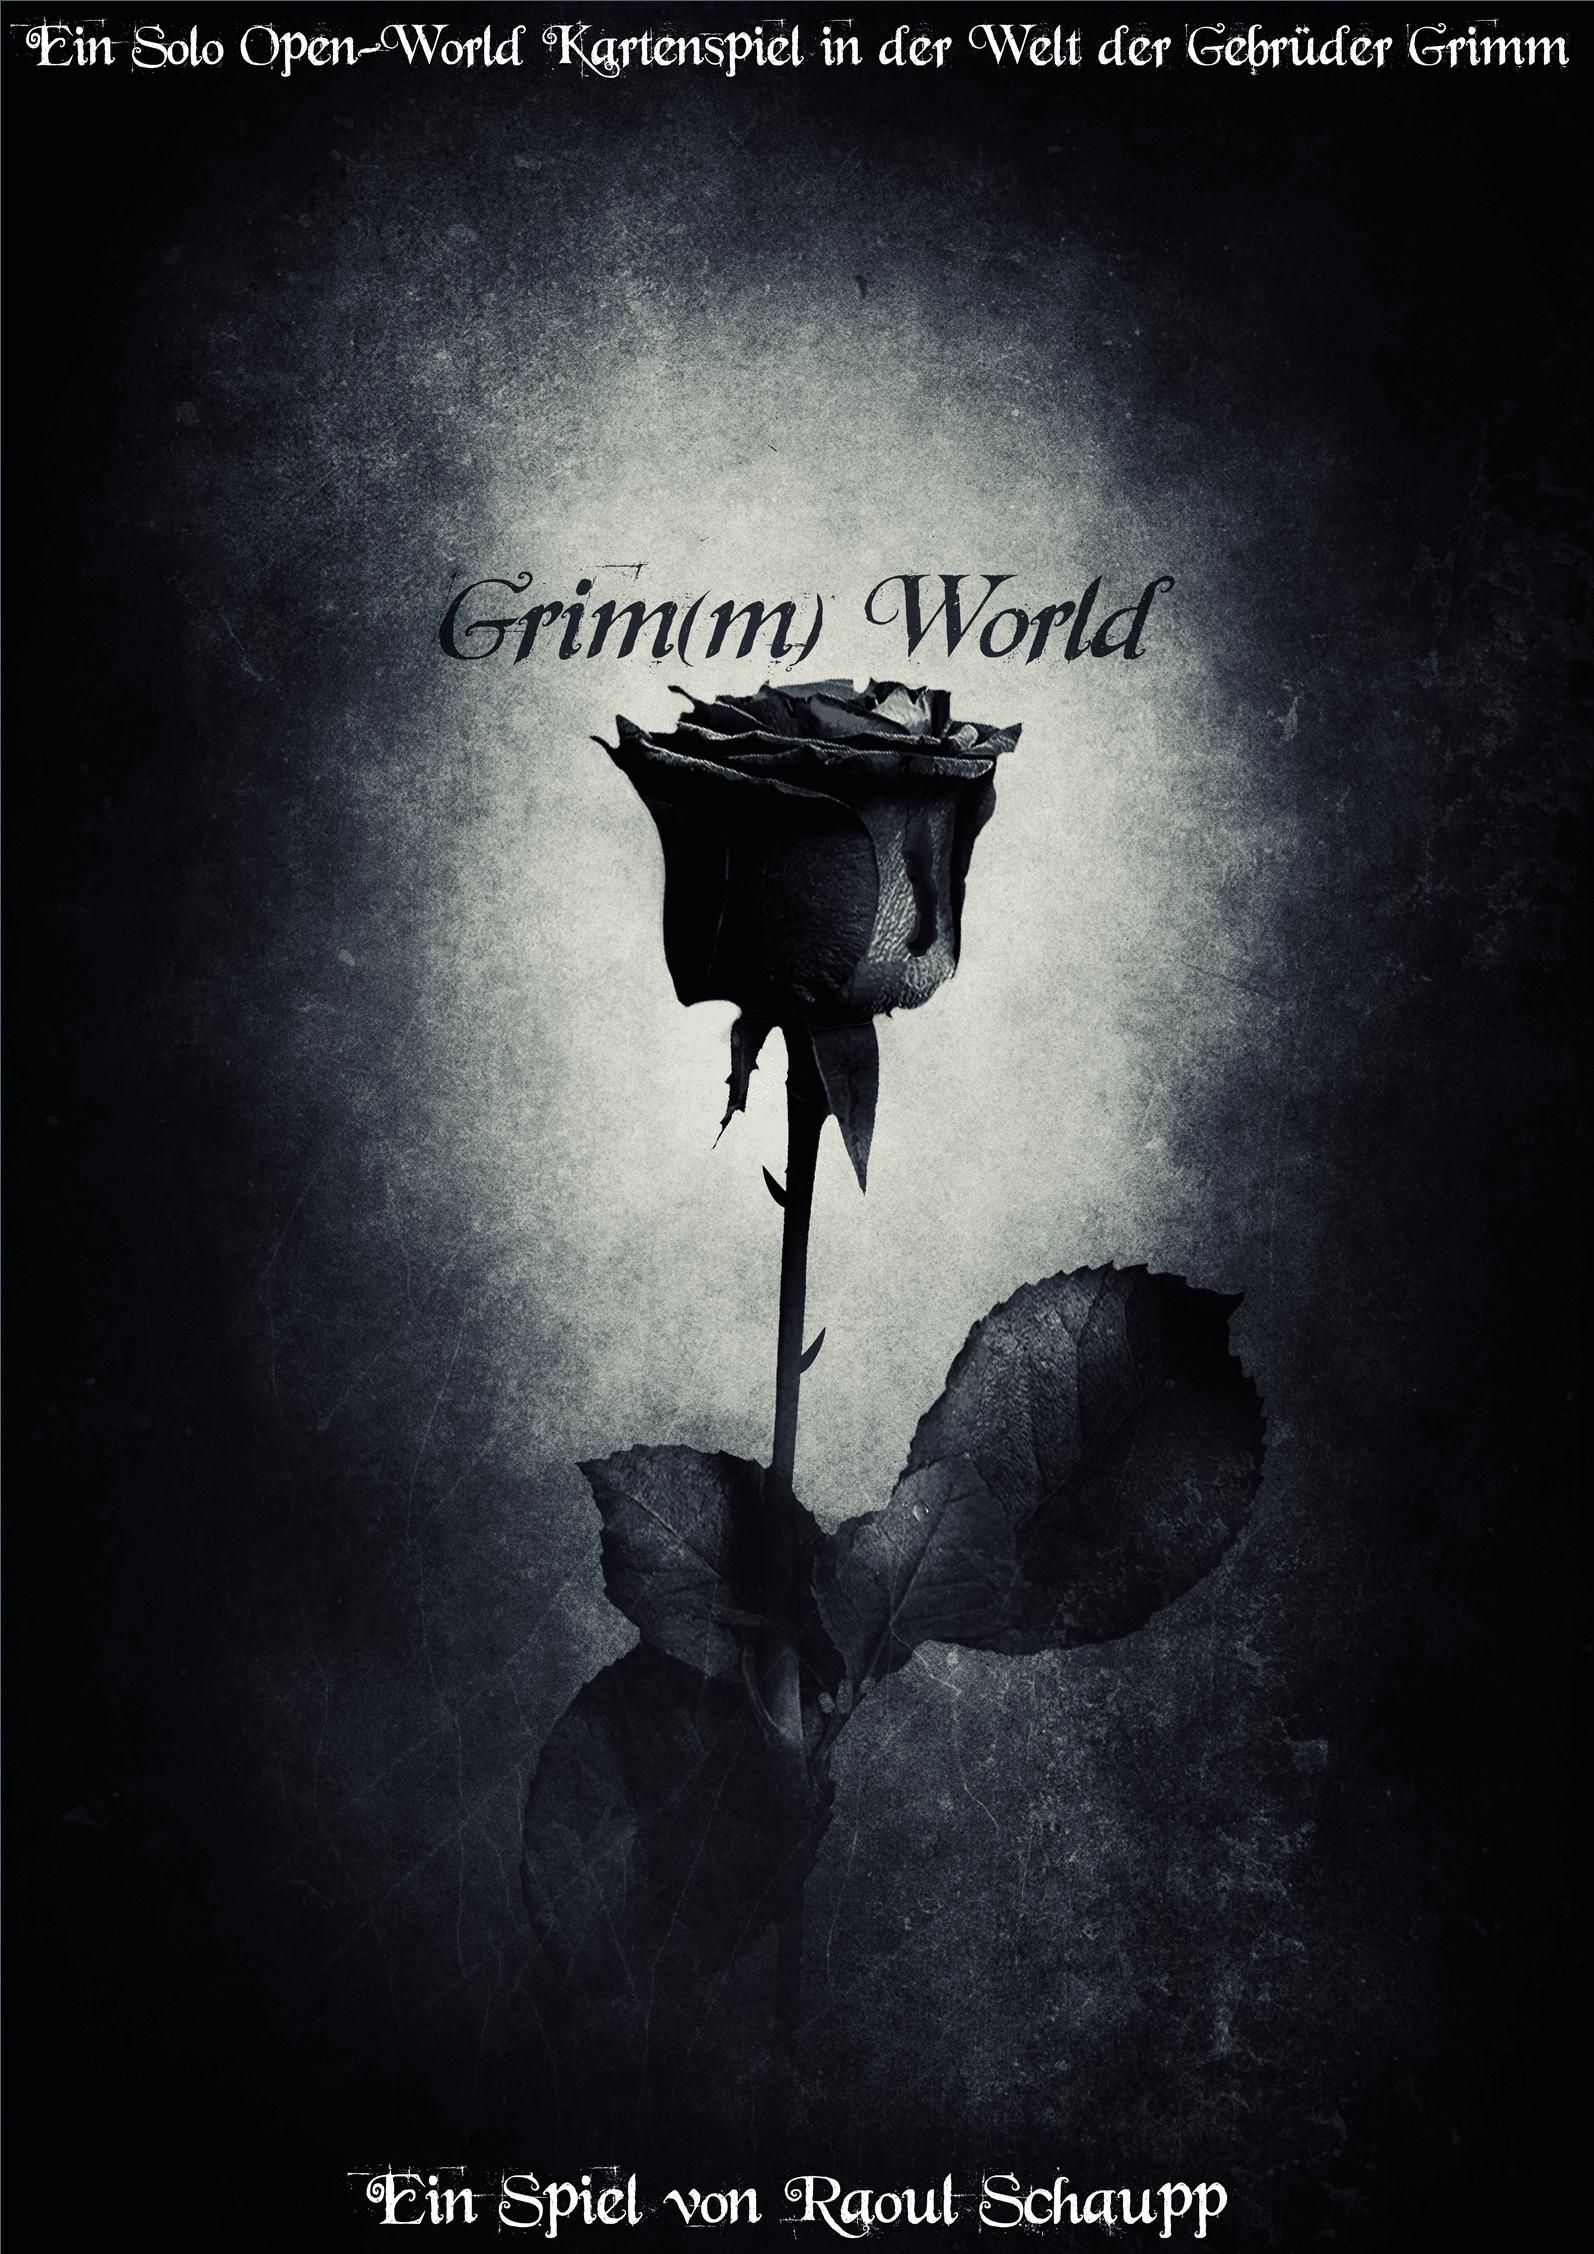 Grim(m) World